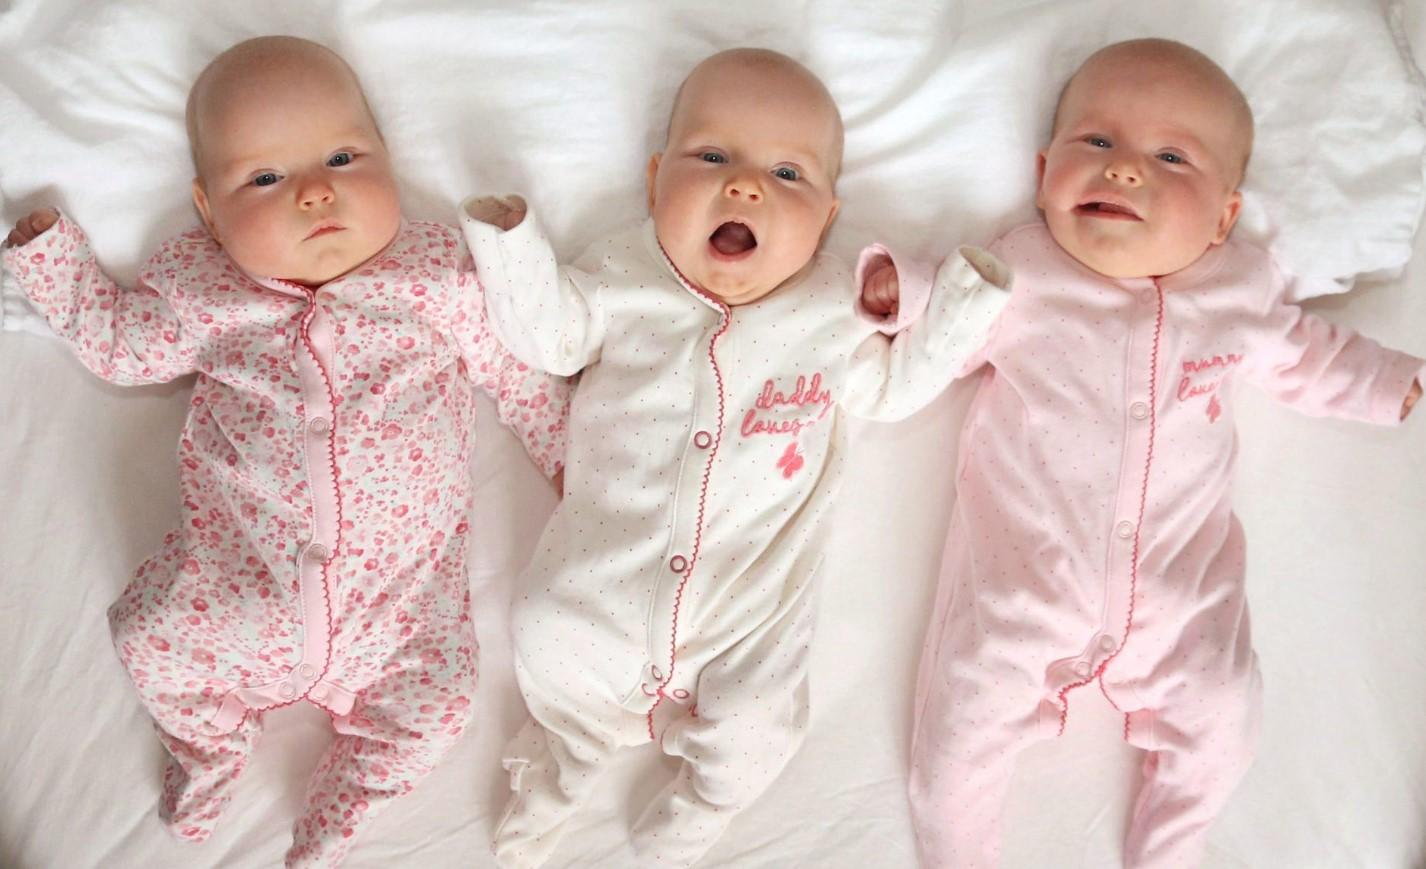 Tajemnice koronawirusa, czyli jak zdrowa matka urodzi³a trojaczki z COVID-19